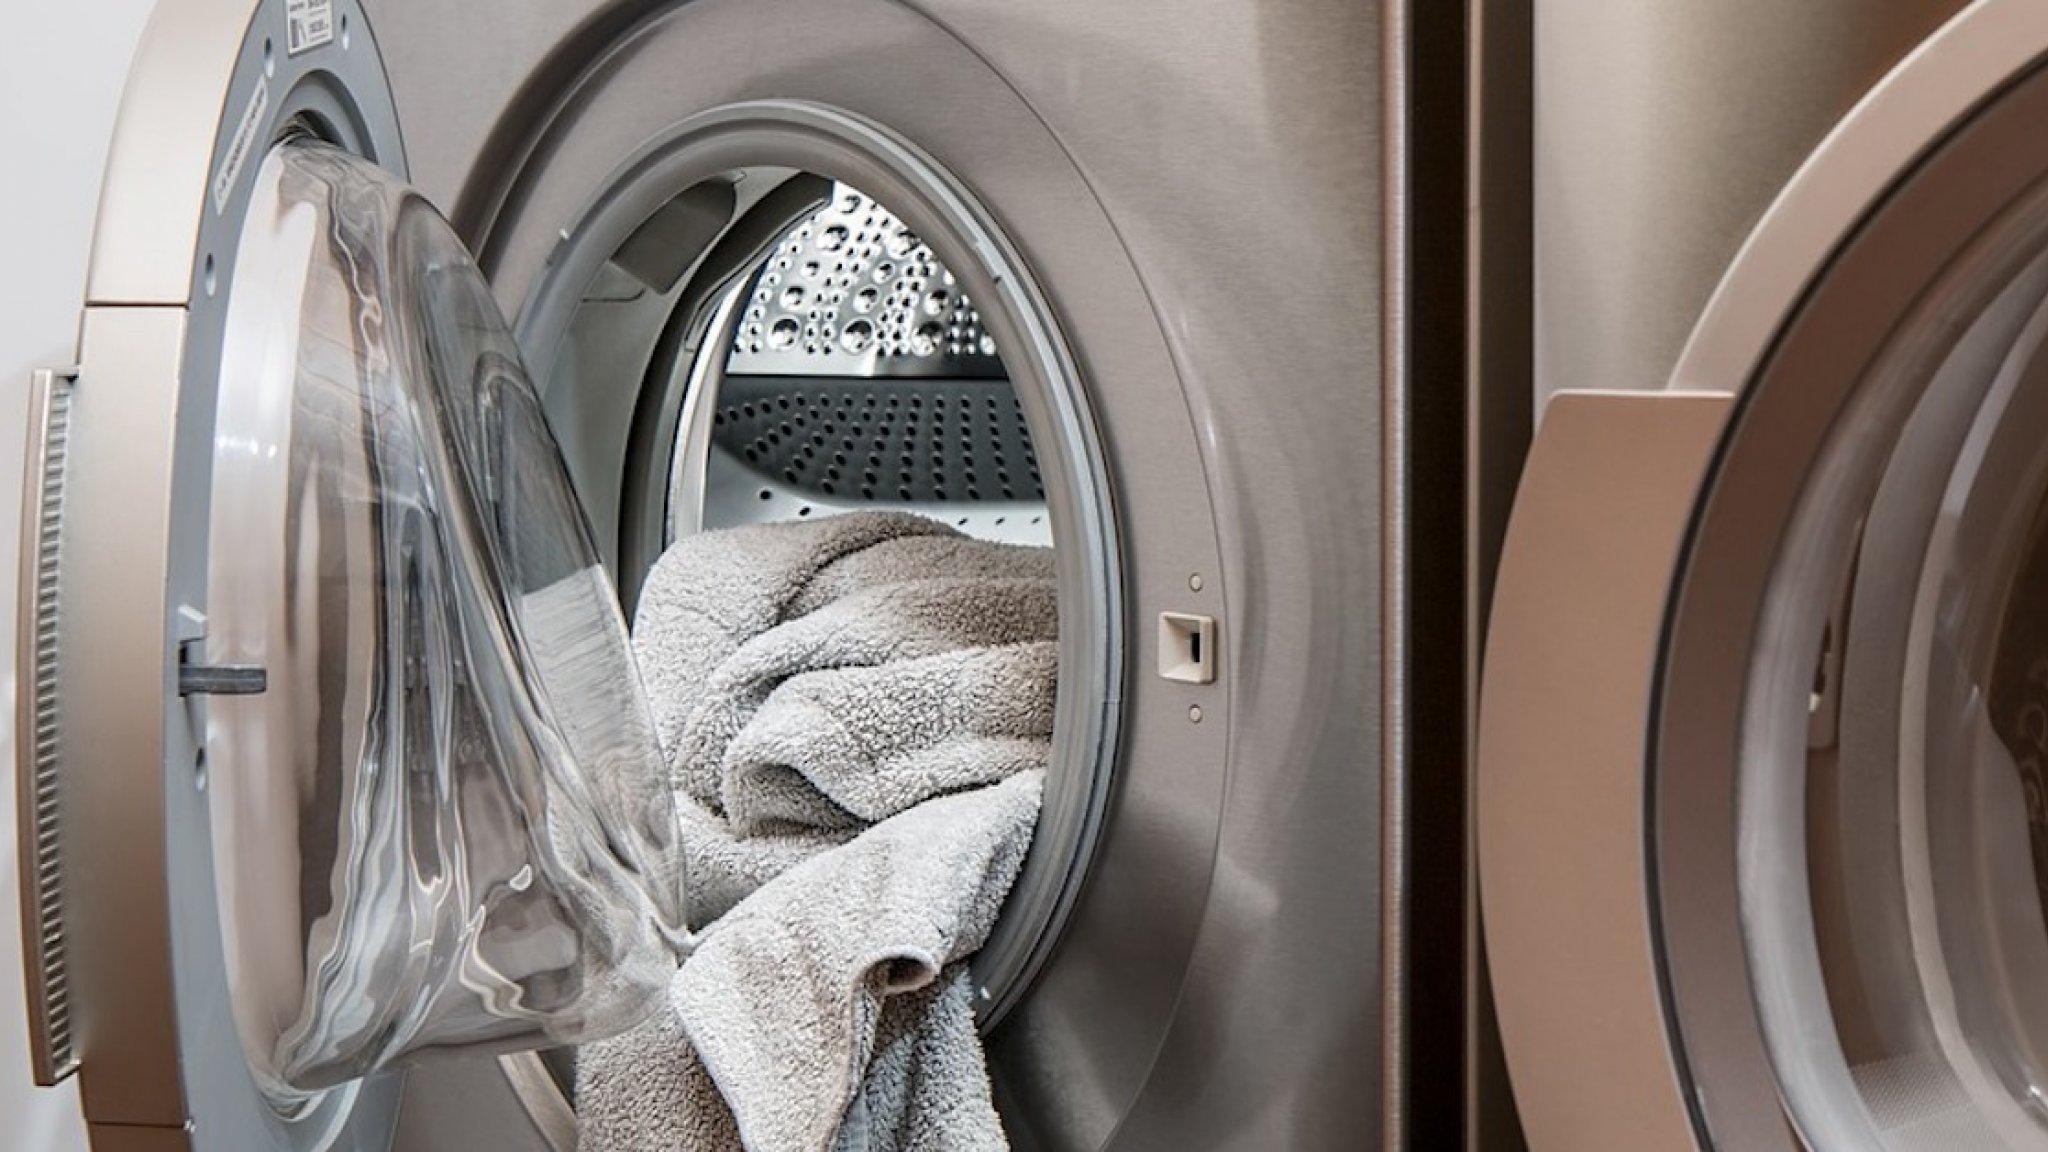 Δείτε τα 6 λάθη που κάνουμε όλοι & μειώνουν την διάρκεια ζωής του πλυντηρίου!